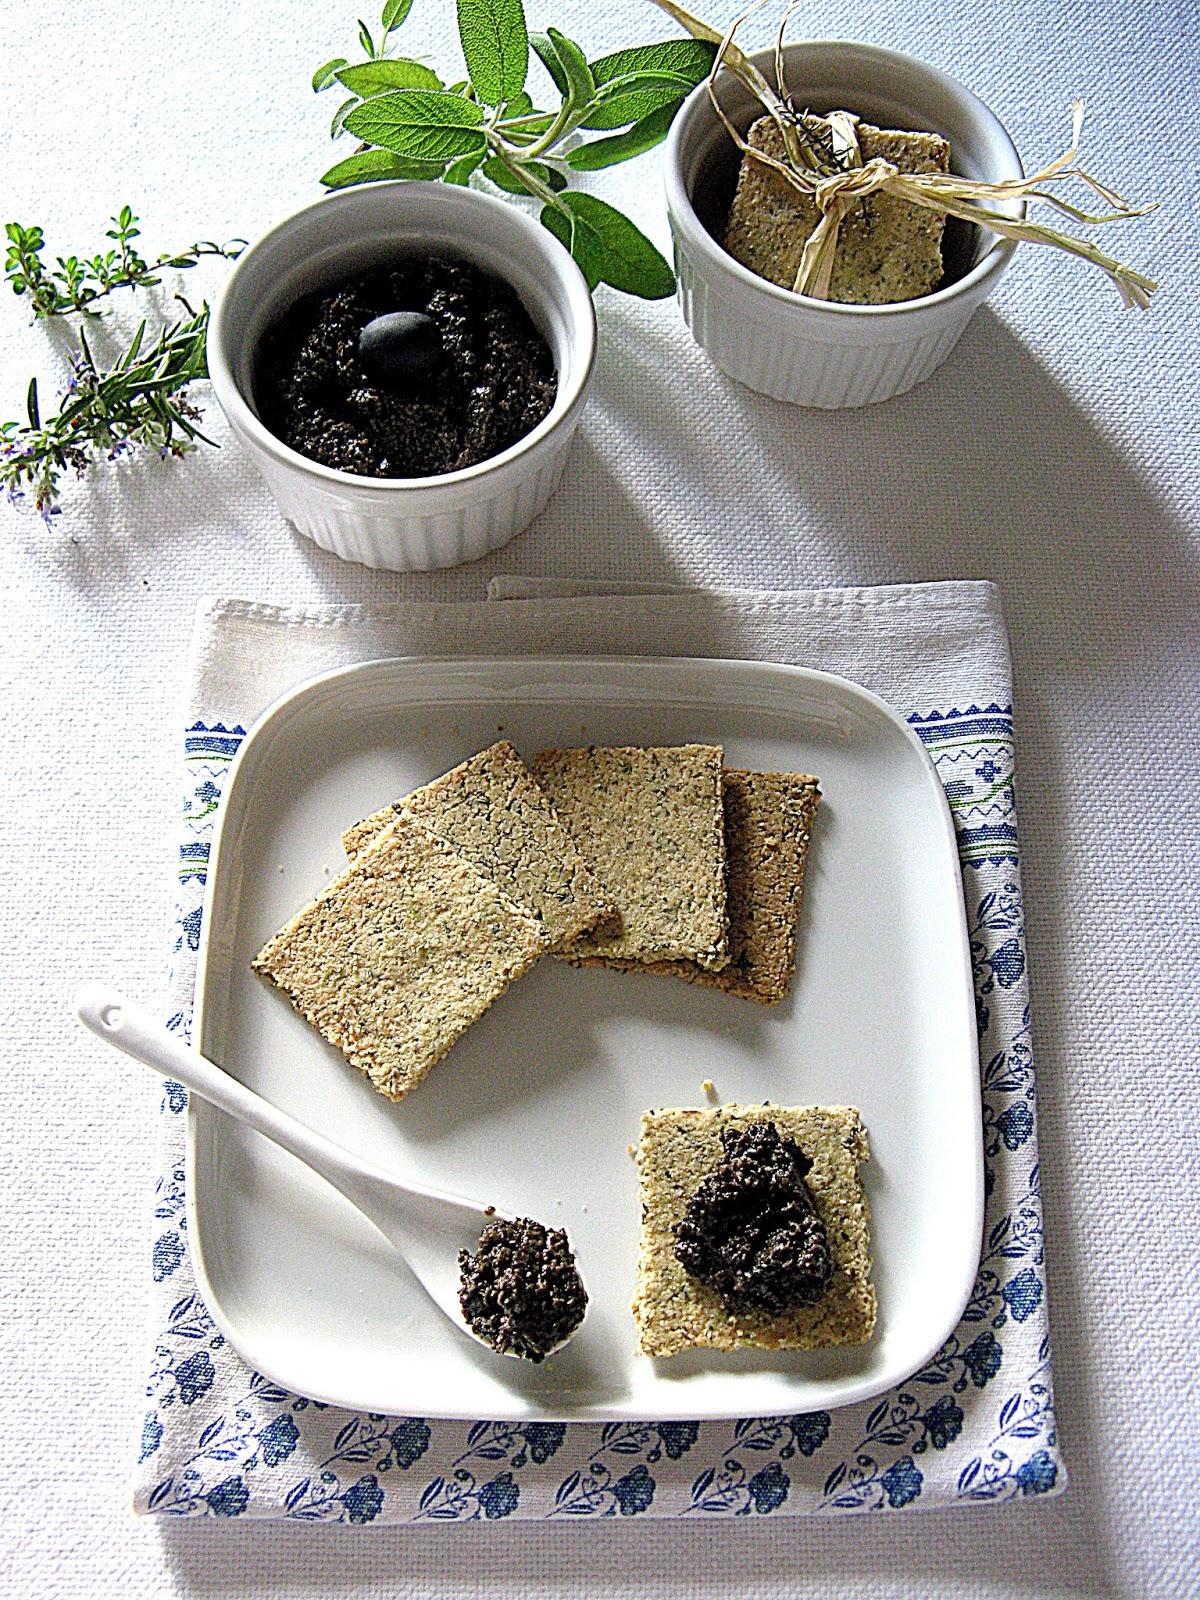 tapenade - pesto di olive nere